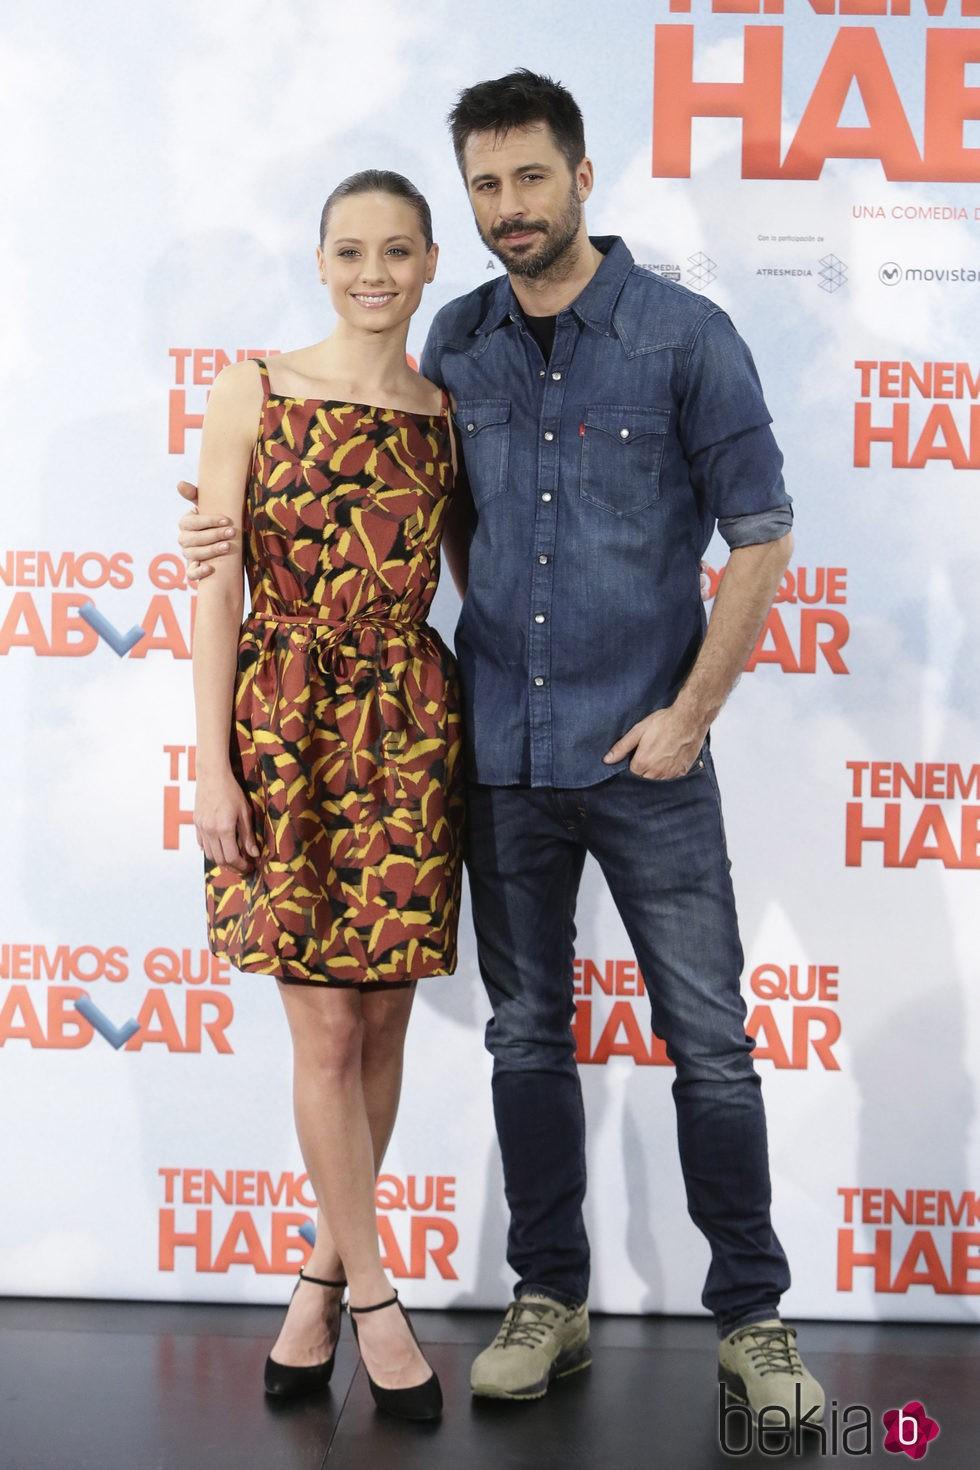 Michelle Jenner y Hugo Silva en la presentación de 'Tenemos que hablar'